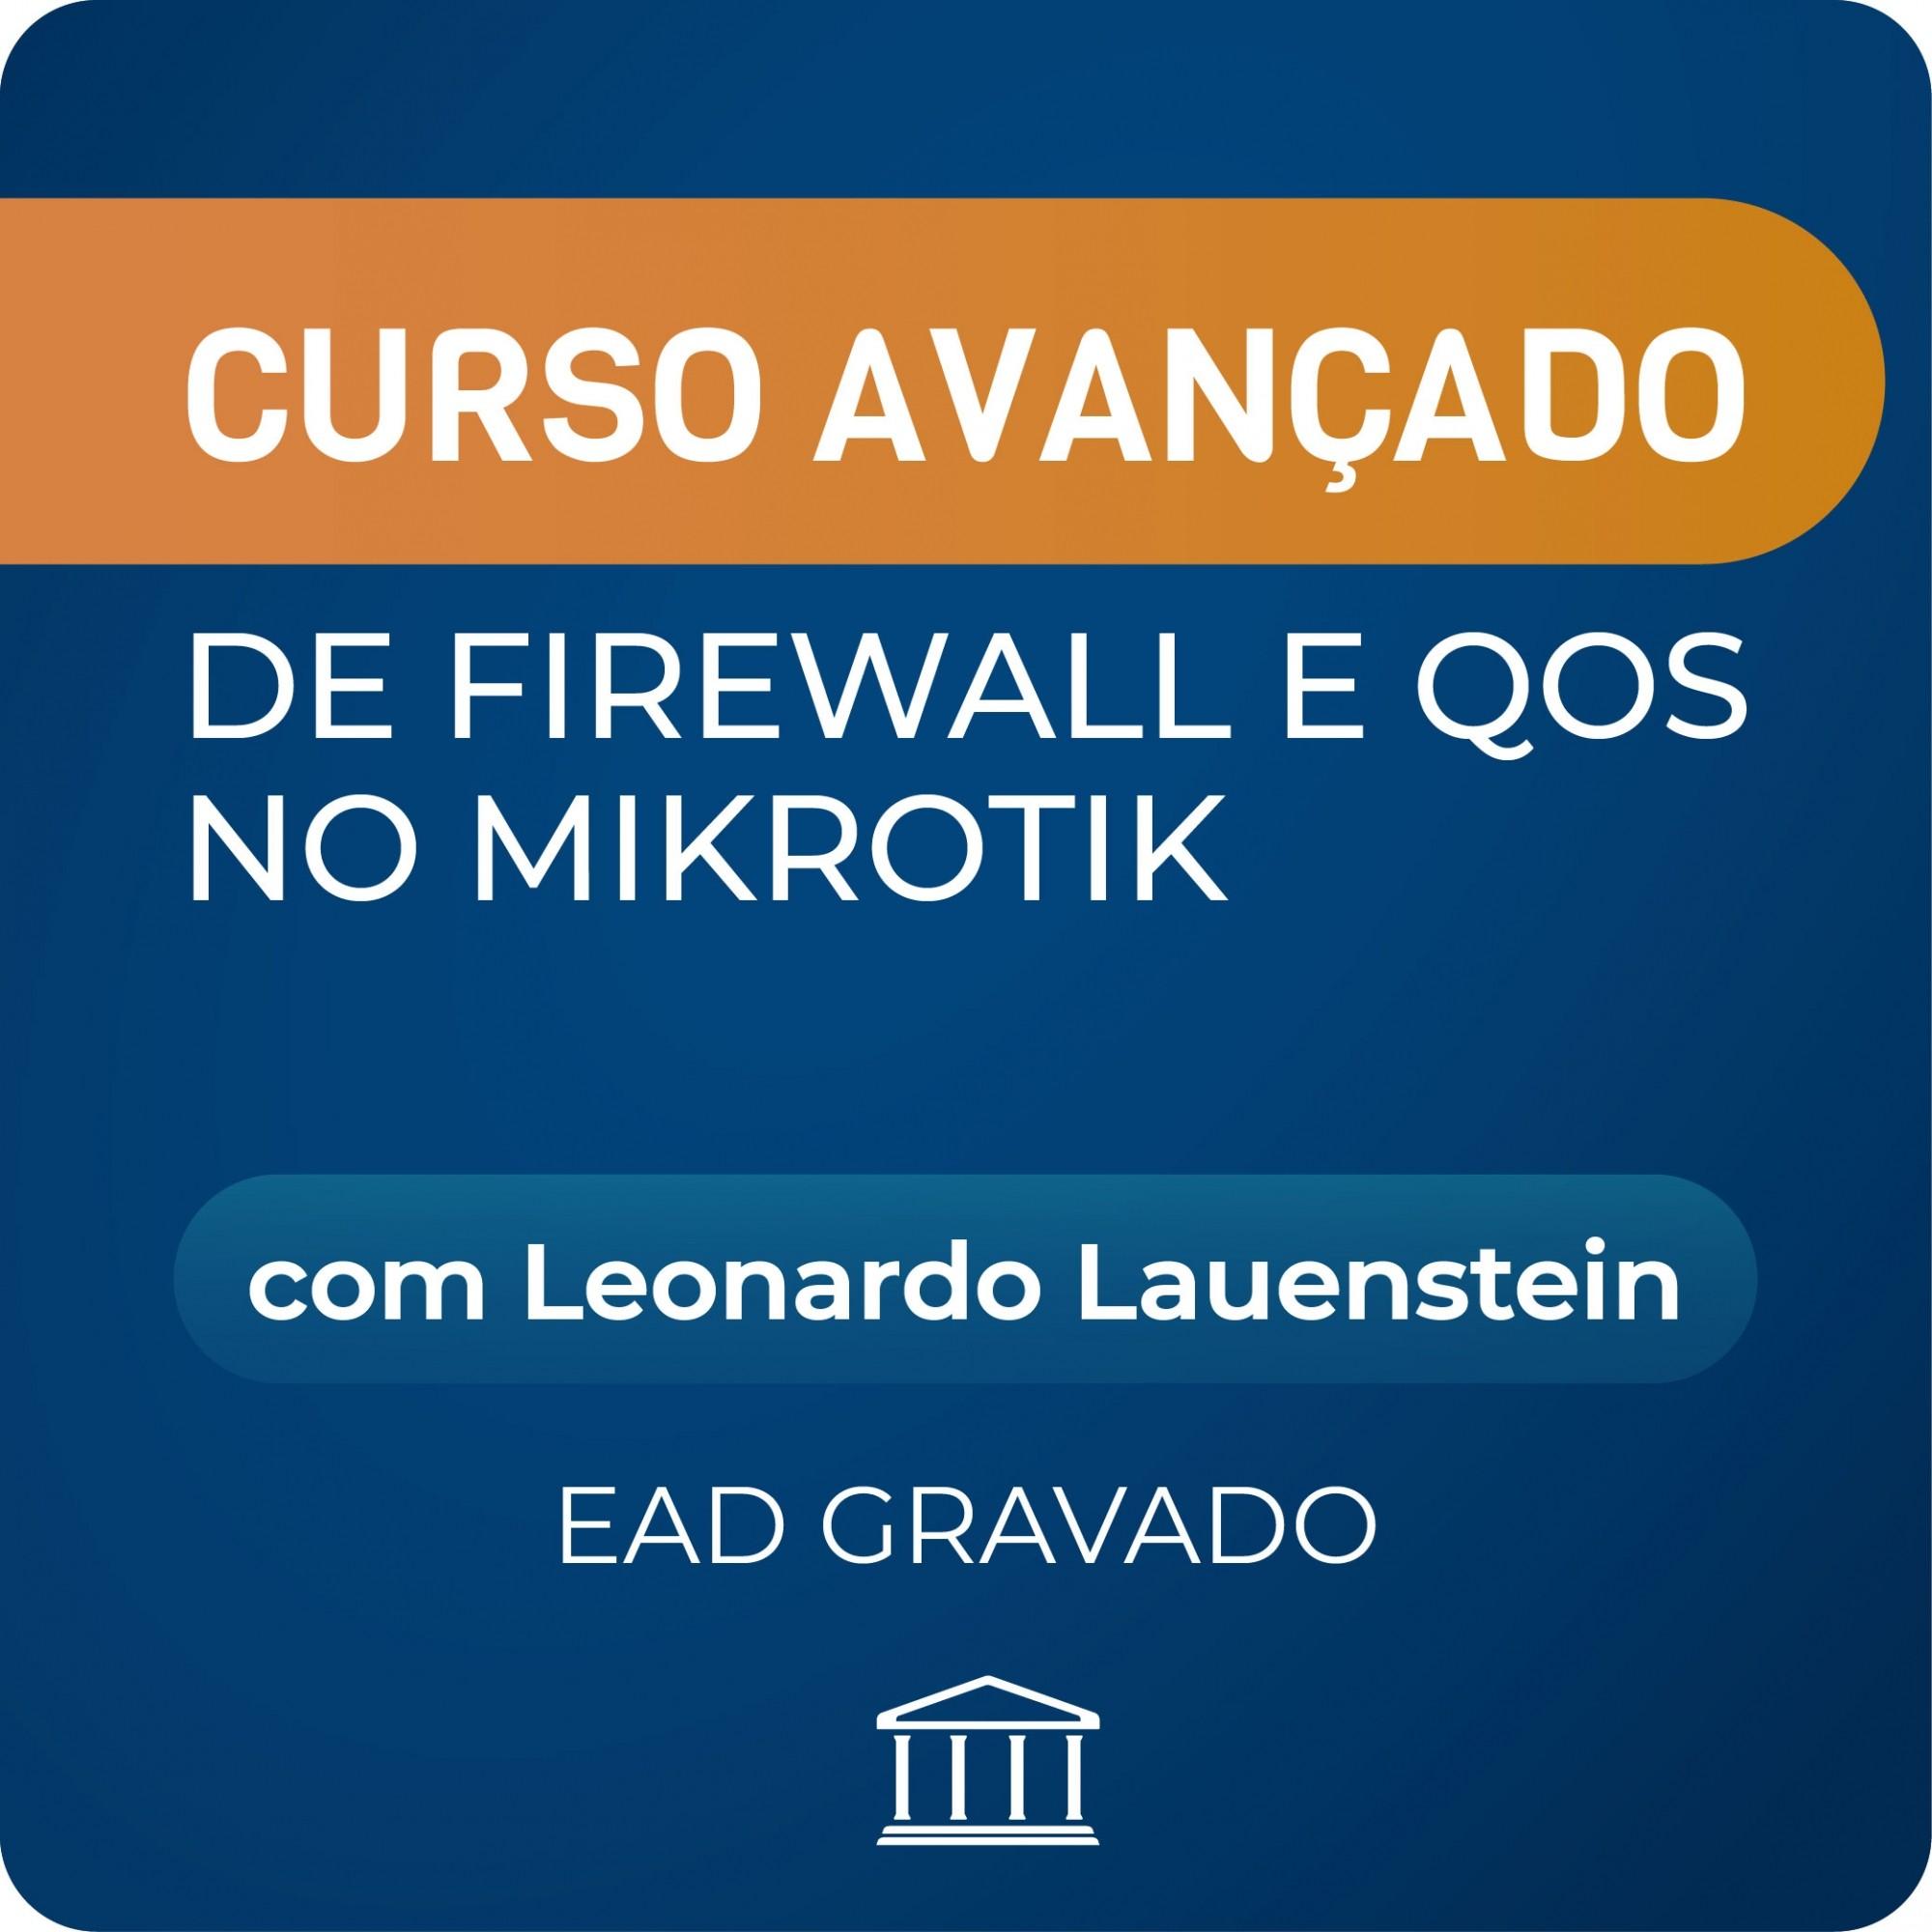 Curso Avançado de Firewall e QoS no MikroTik com Leonardo Lauenstein - GRAVADO  - Voz e Dados